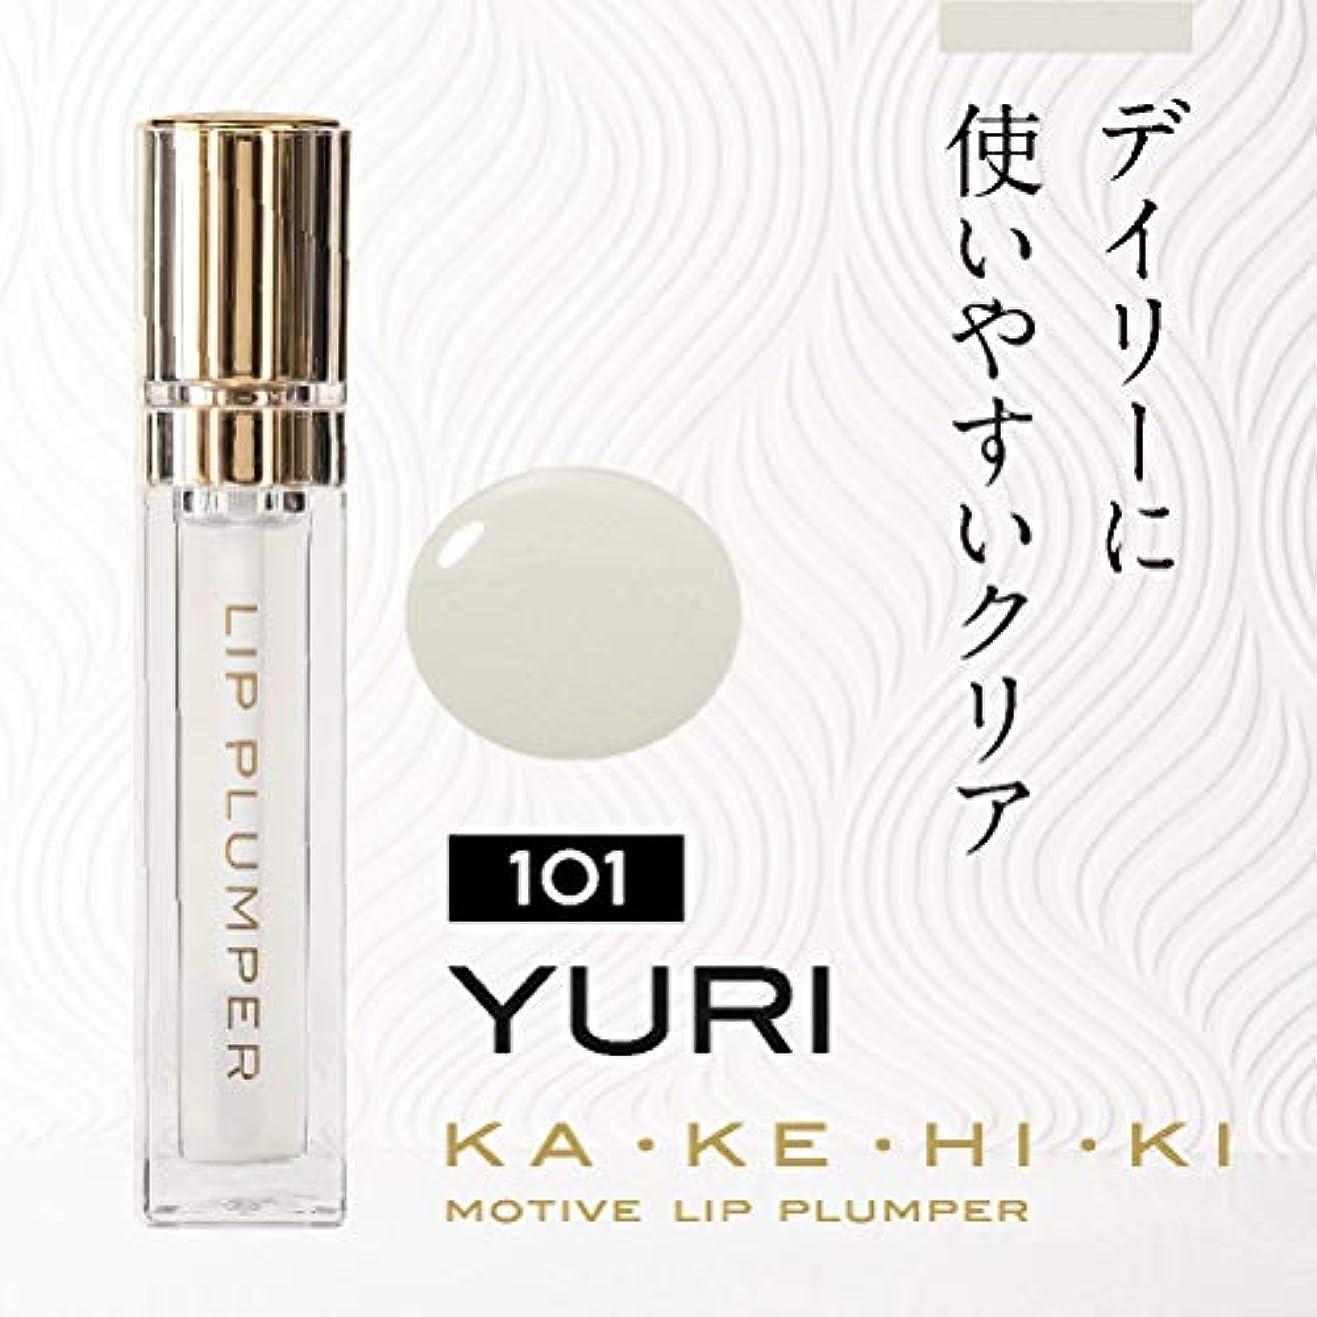 苦情文句言及する宅配便KAKEHIKI モティブ リッププランパー (101 YURI クリア)